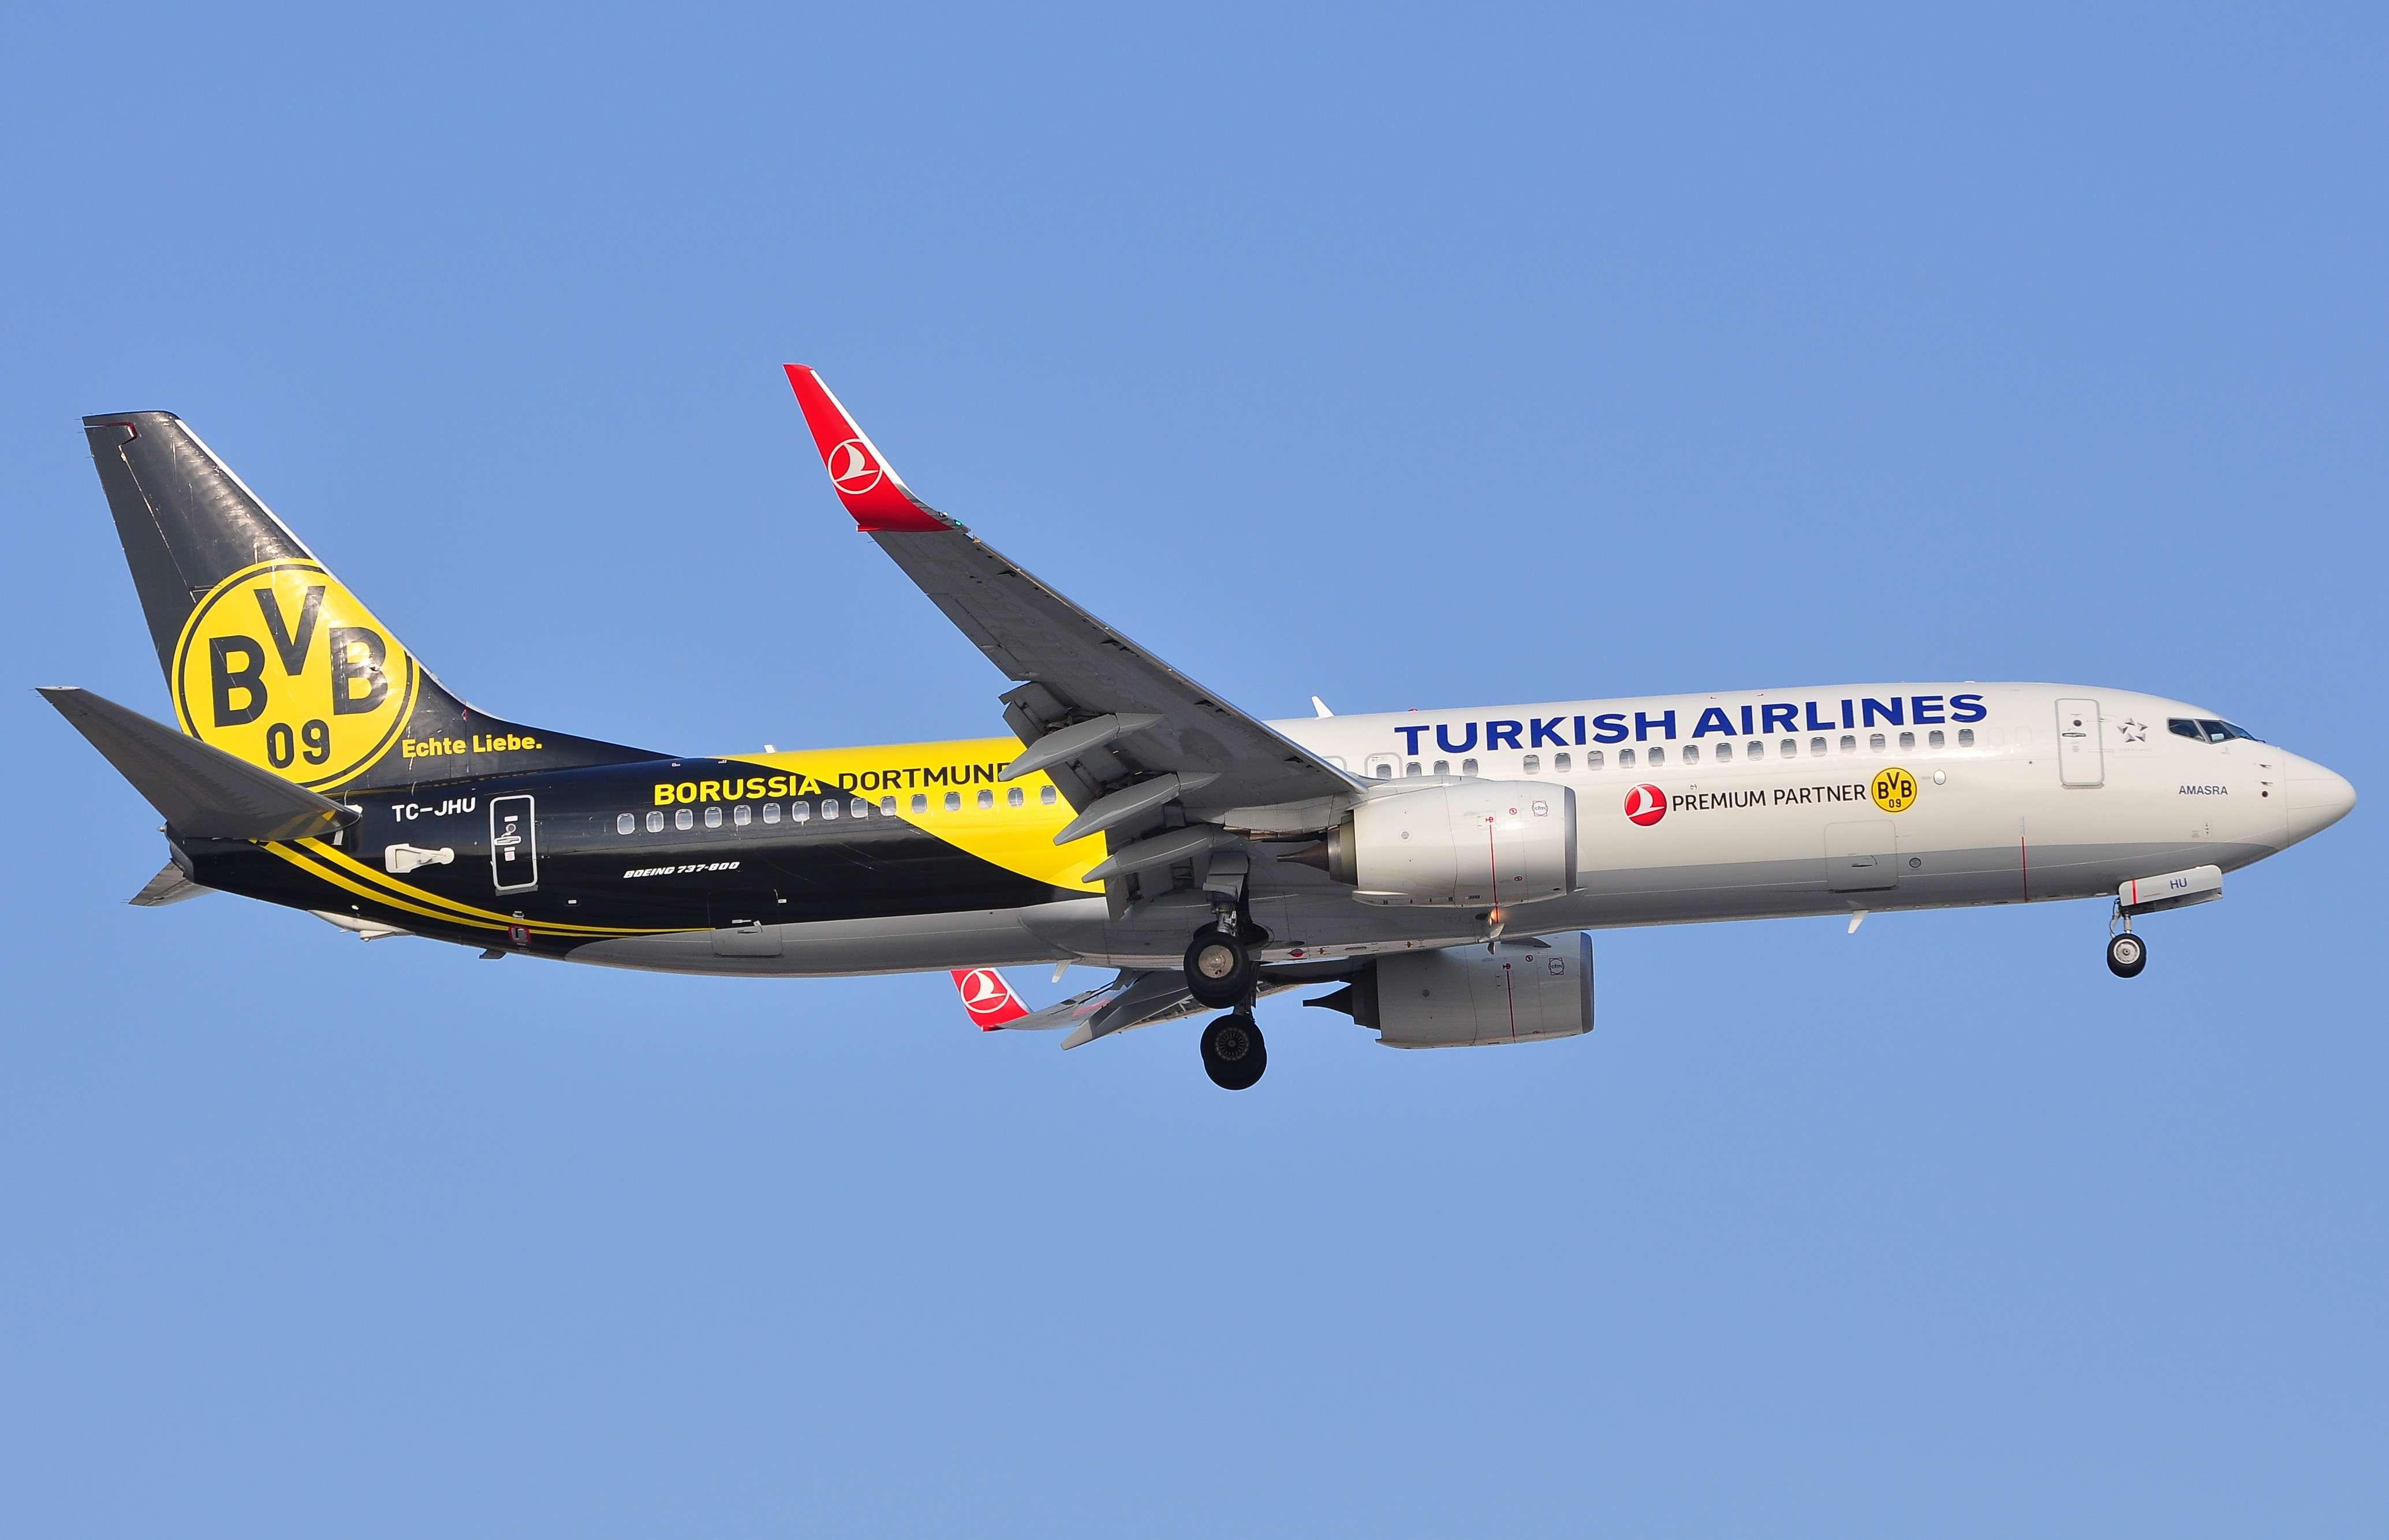 Antalya(AYT) Turkey, 22-27 August 2013